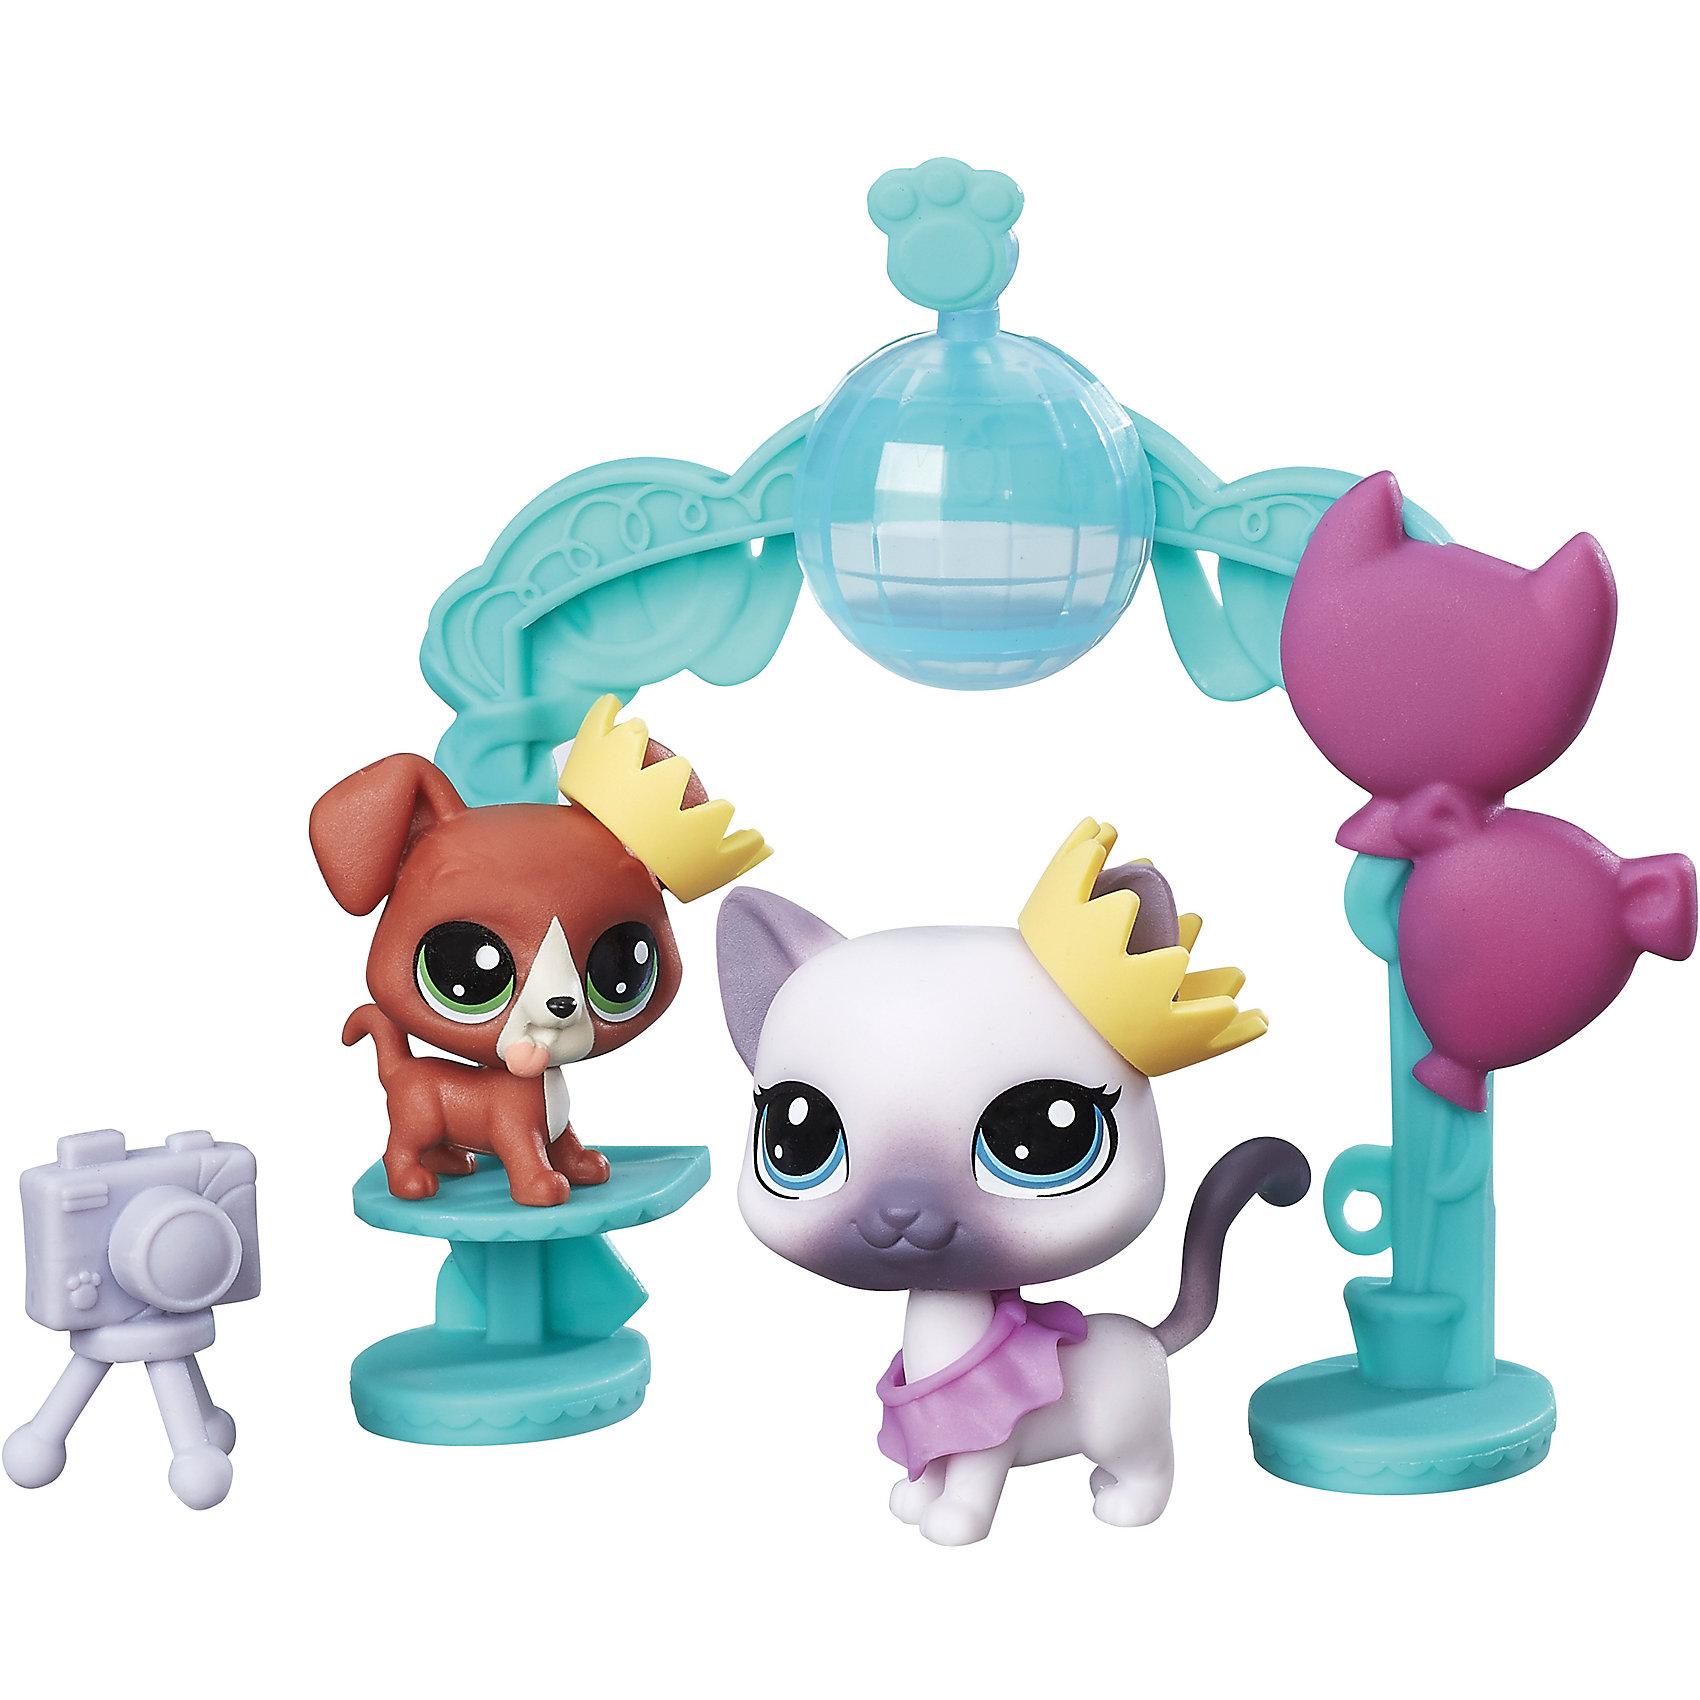 Набор Чудесные приключения, Littlest Pet Shop, B9347/С0047Популярные игрушки<br>Характеристики:<br><br>• Материал: пластик<br>• Комплектация: 2 фигурки животных, школьный танцпол, аксессуары<br>• Вес в упаковке: 121 г<br>• Размеры упаковки (Г*Ш*В): 4,4*19,1*19,1 см<br><br>Набор Чудесные приключения, Littlest Pet Shop, B9347/С0047 – это набор из популярнейшей серии от мирового лидера игрушек Hasbro. Комплект состоит из школьного танцпола в виде празднично украшенной арки, 2-х фигурок животных и аксессуаров. Все детали набора выполнены из прочного твердого пластика, устойчивого к механическим повреждениям, окрашены яркими нетоксичными красками, которые не выгорают на солнце и не меняют свой цвет даже при длительном использовании.<br><br>Набор Чудесные приключения, Littlest Pet Shop, B9347/С0047 можно купить в нашем интернет-магазине.<br><br>Ширина мм: 44<br>Глубина мм: 191<br>Высота мм: 191<br>Вес г: 121<br>Возраст от месяцев: 48<br>Возраст до месяцев: 2147483647<br>Пол: Женский<br>Возраст: Детский<br>SKU: 5488316